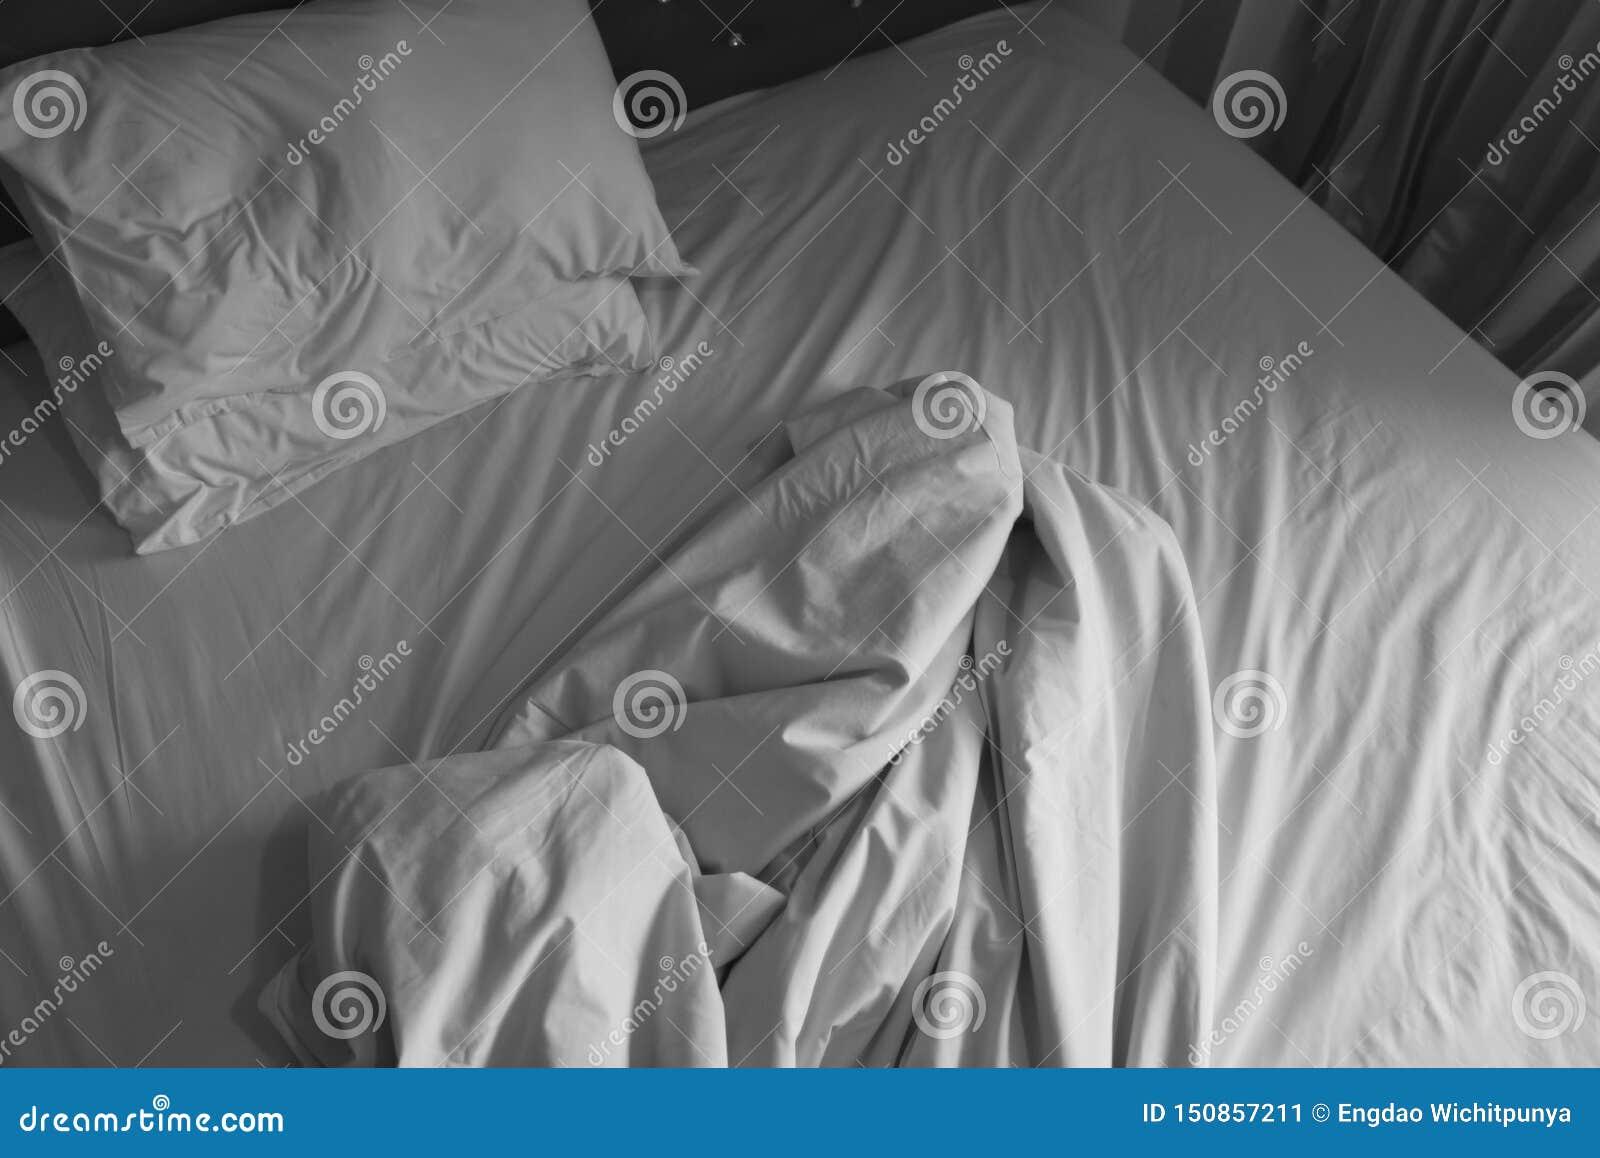 Unmade łóżkowy prześcieradło zagniecenia i poduszki biała koc w sypialni po sen na odgórnym widoku - Marszcząca tkanina